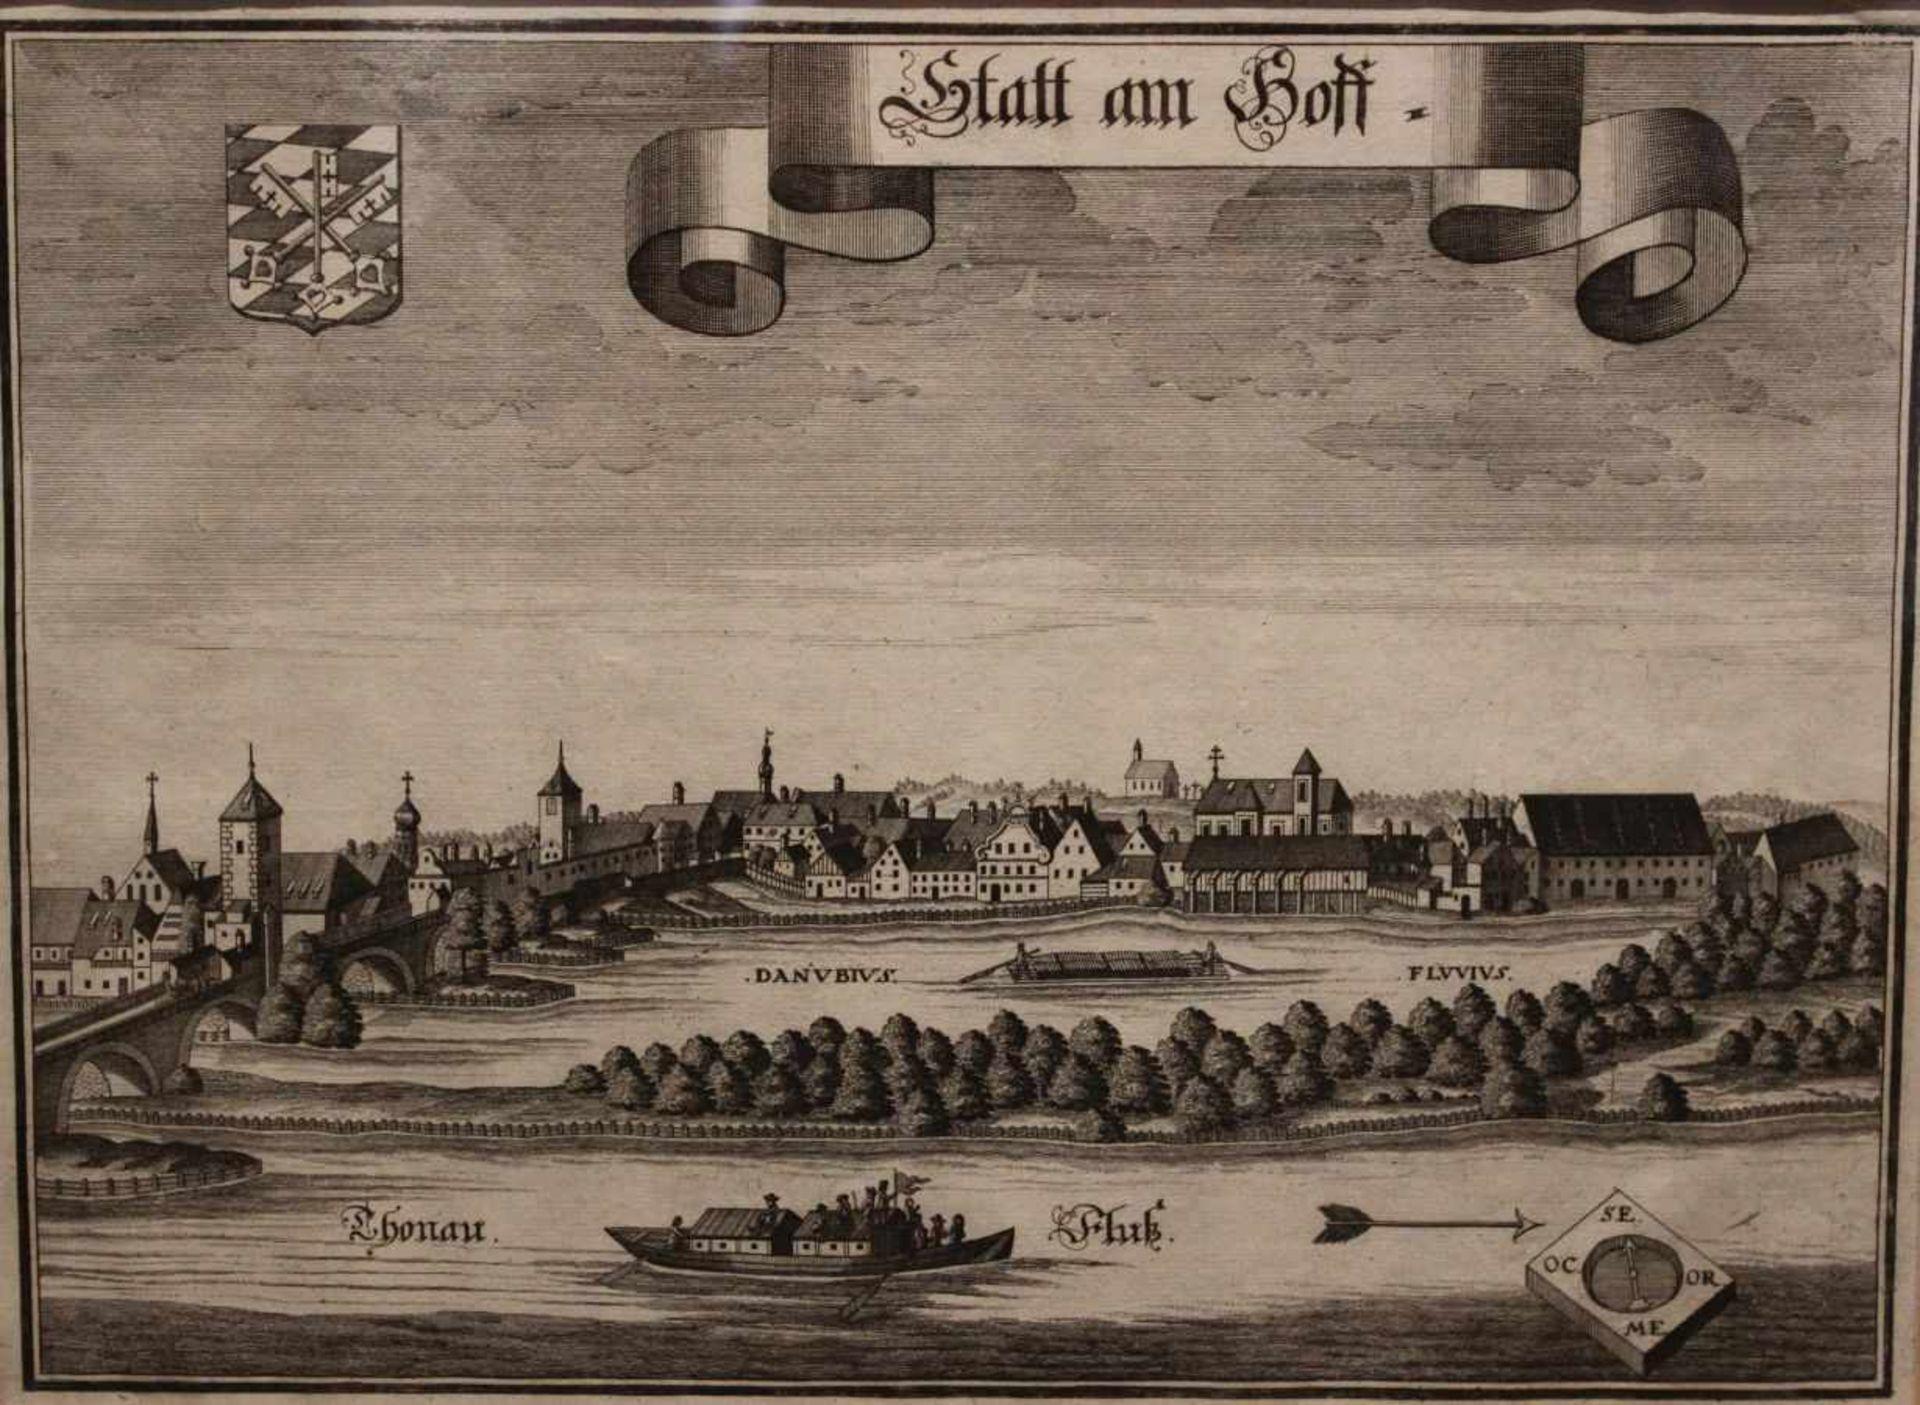 """Los 29 - Kupferstich - Michael Wening (1645 Nürnberg - 1718 München) """"Stadtamhof - Ansicht vom Süden mit"""